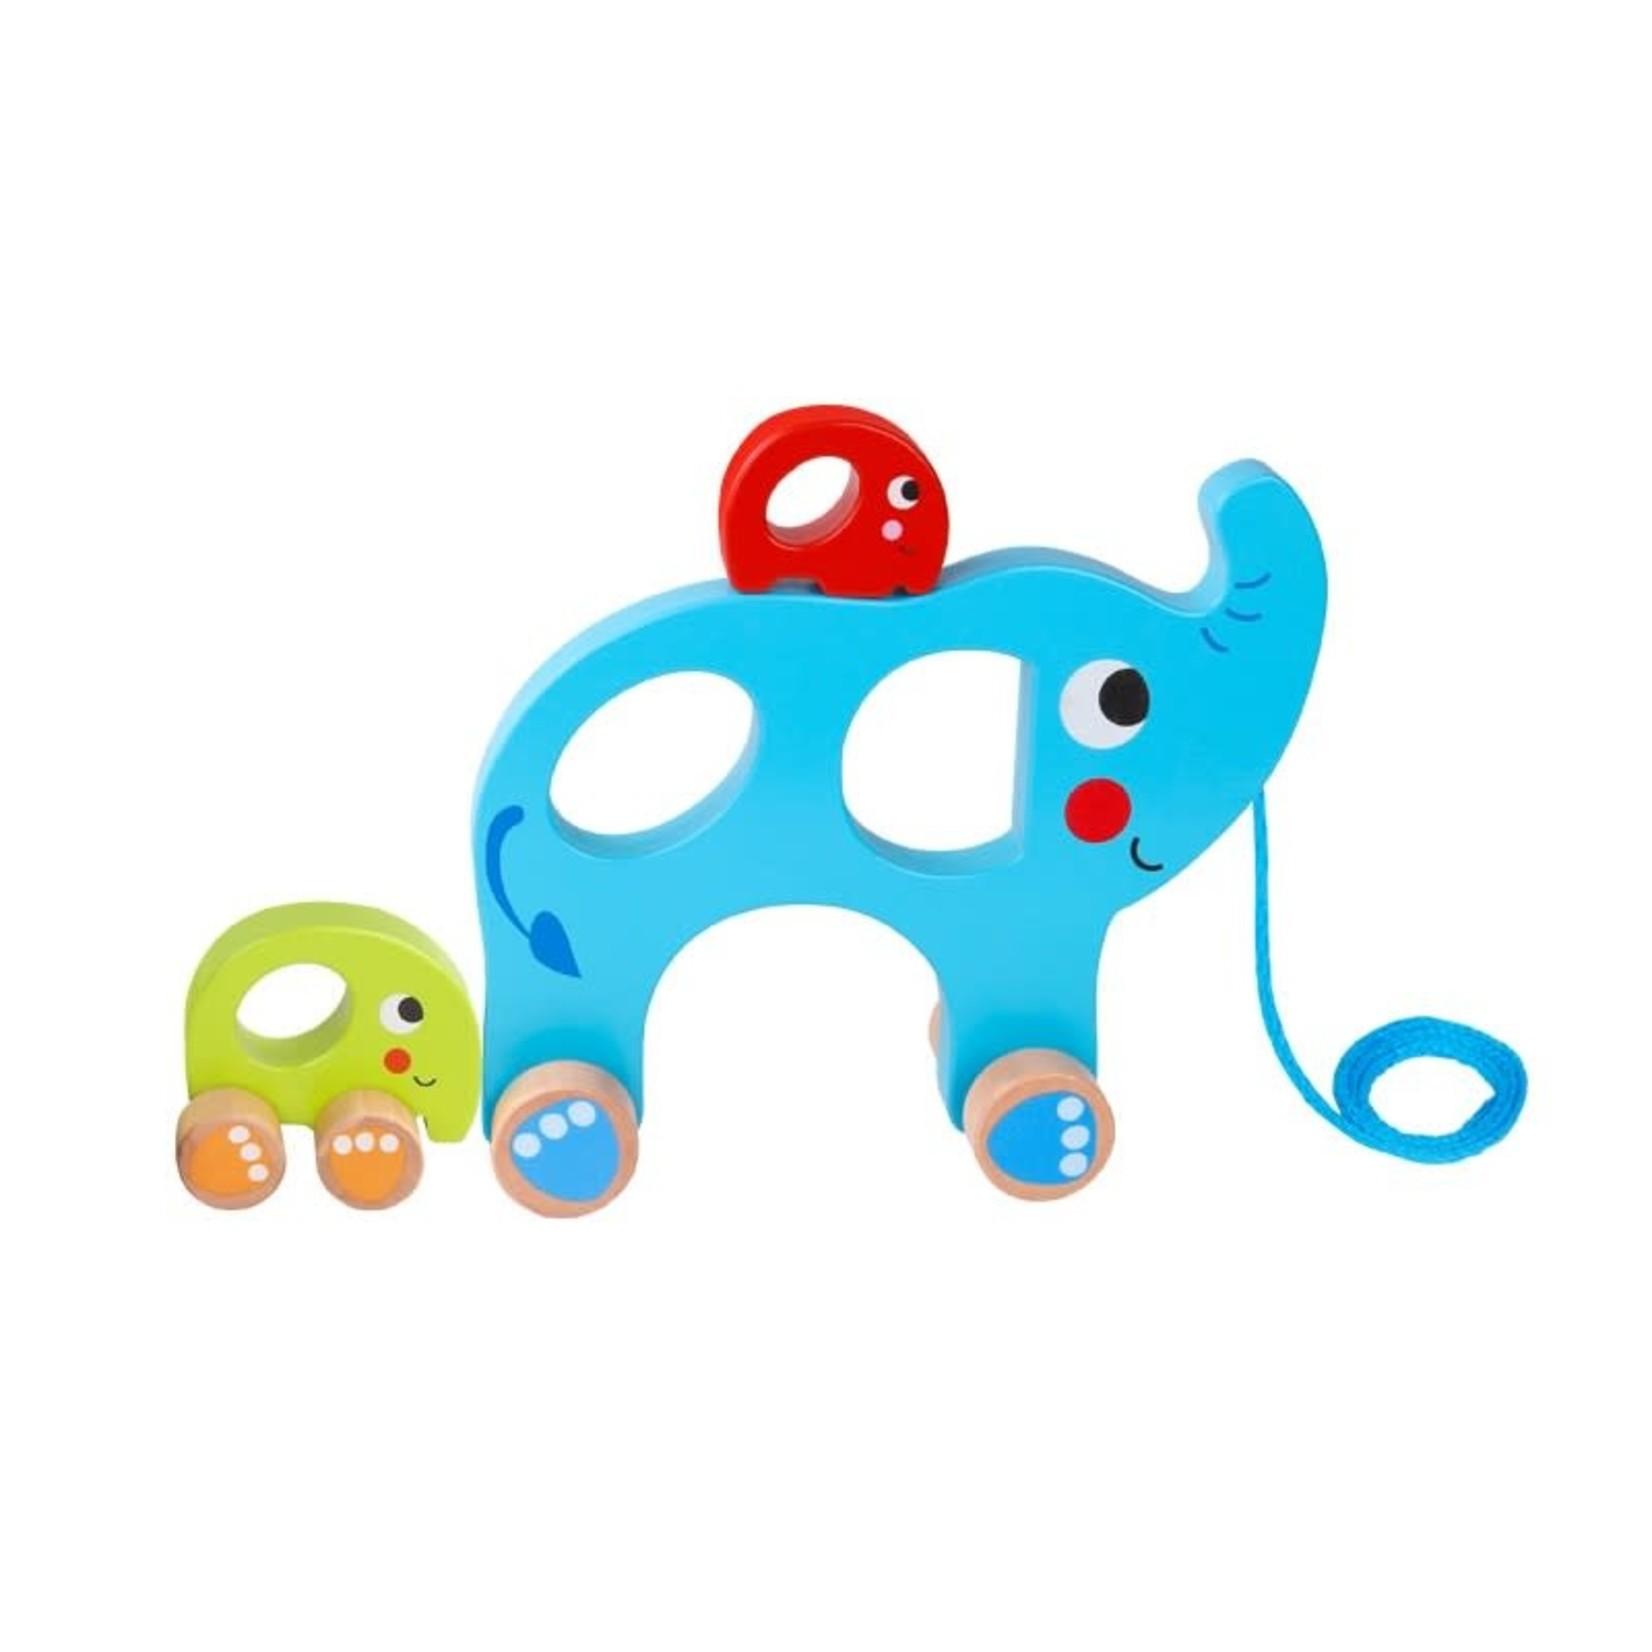 Tooky Toy Pull Along - Elephant Family